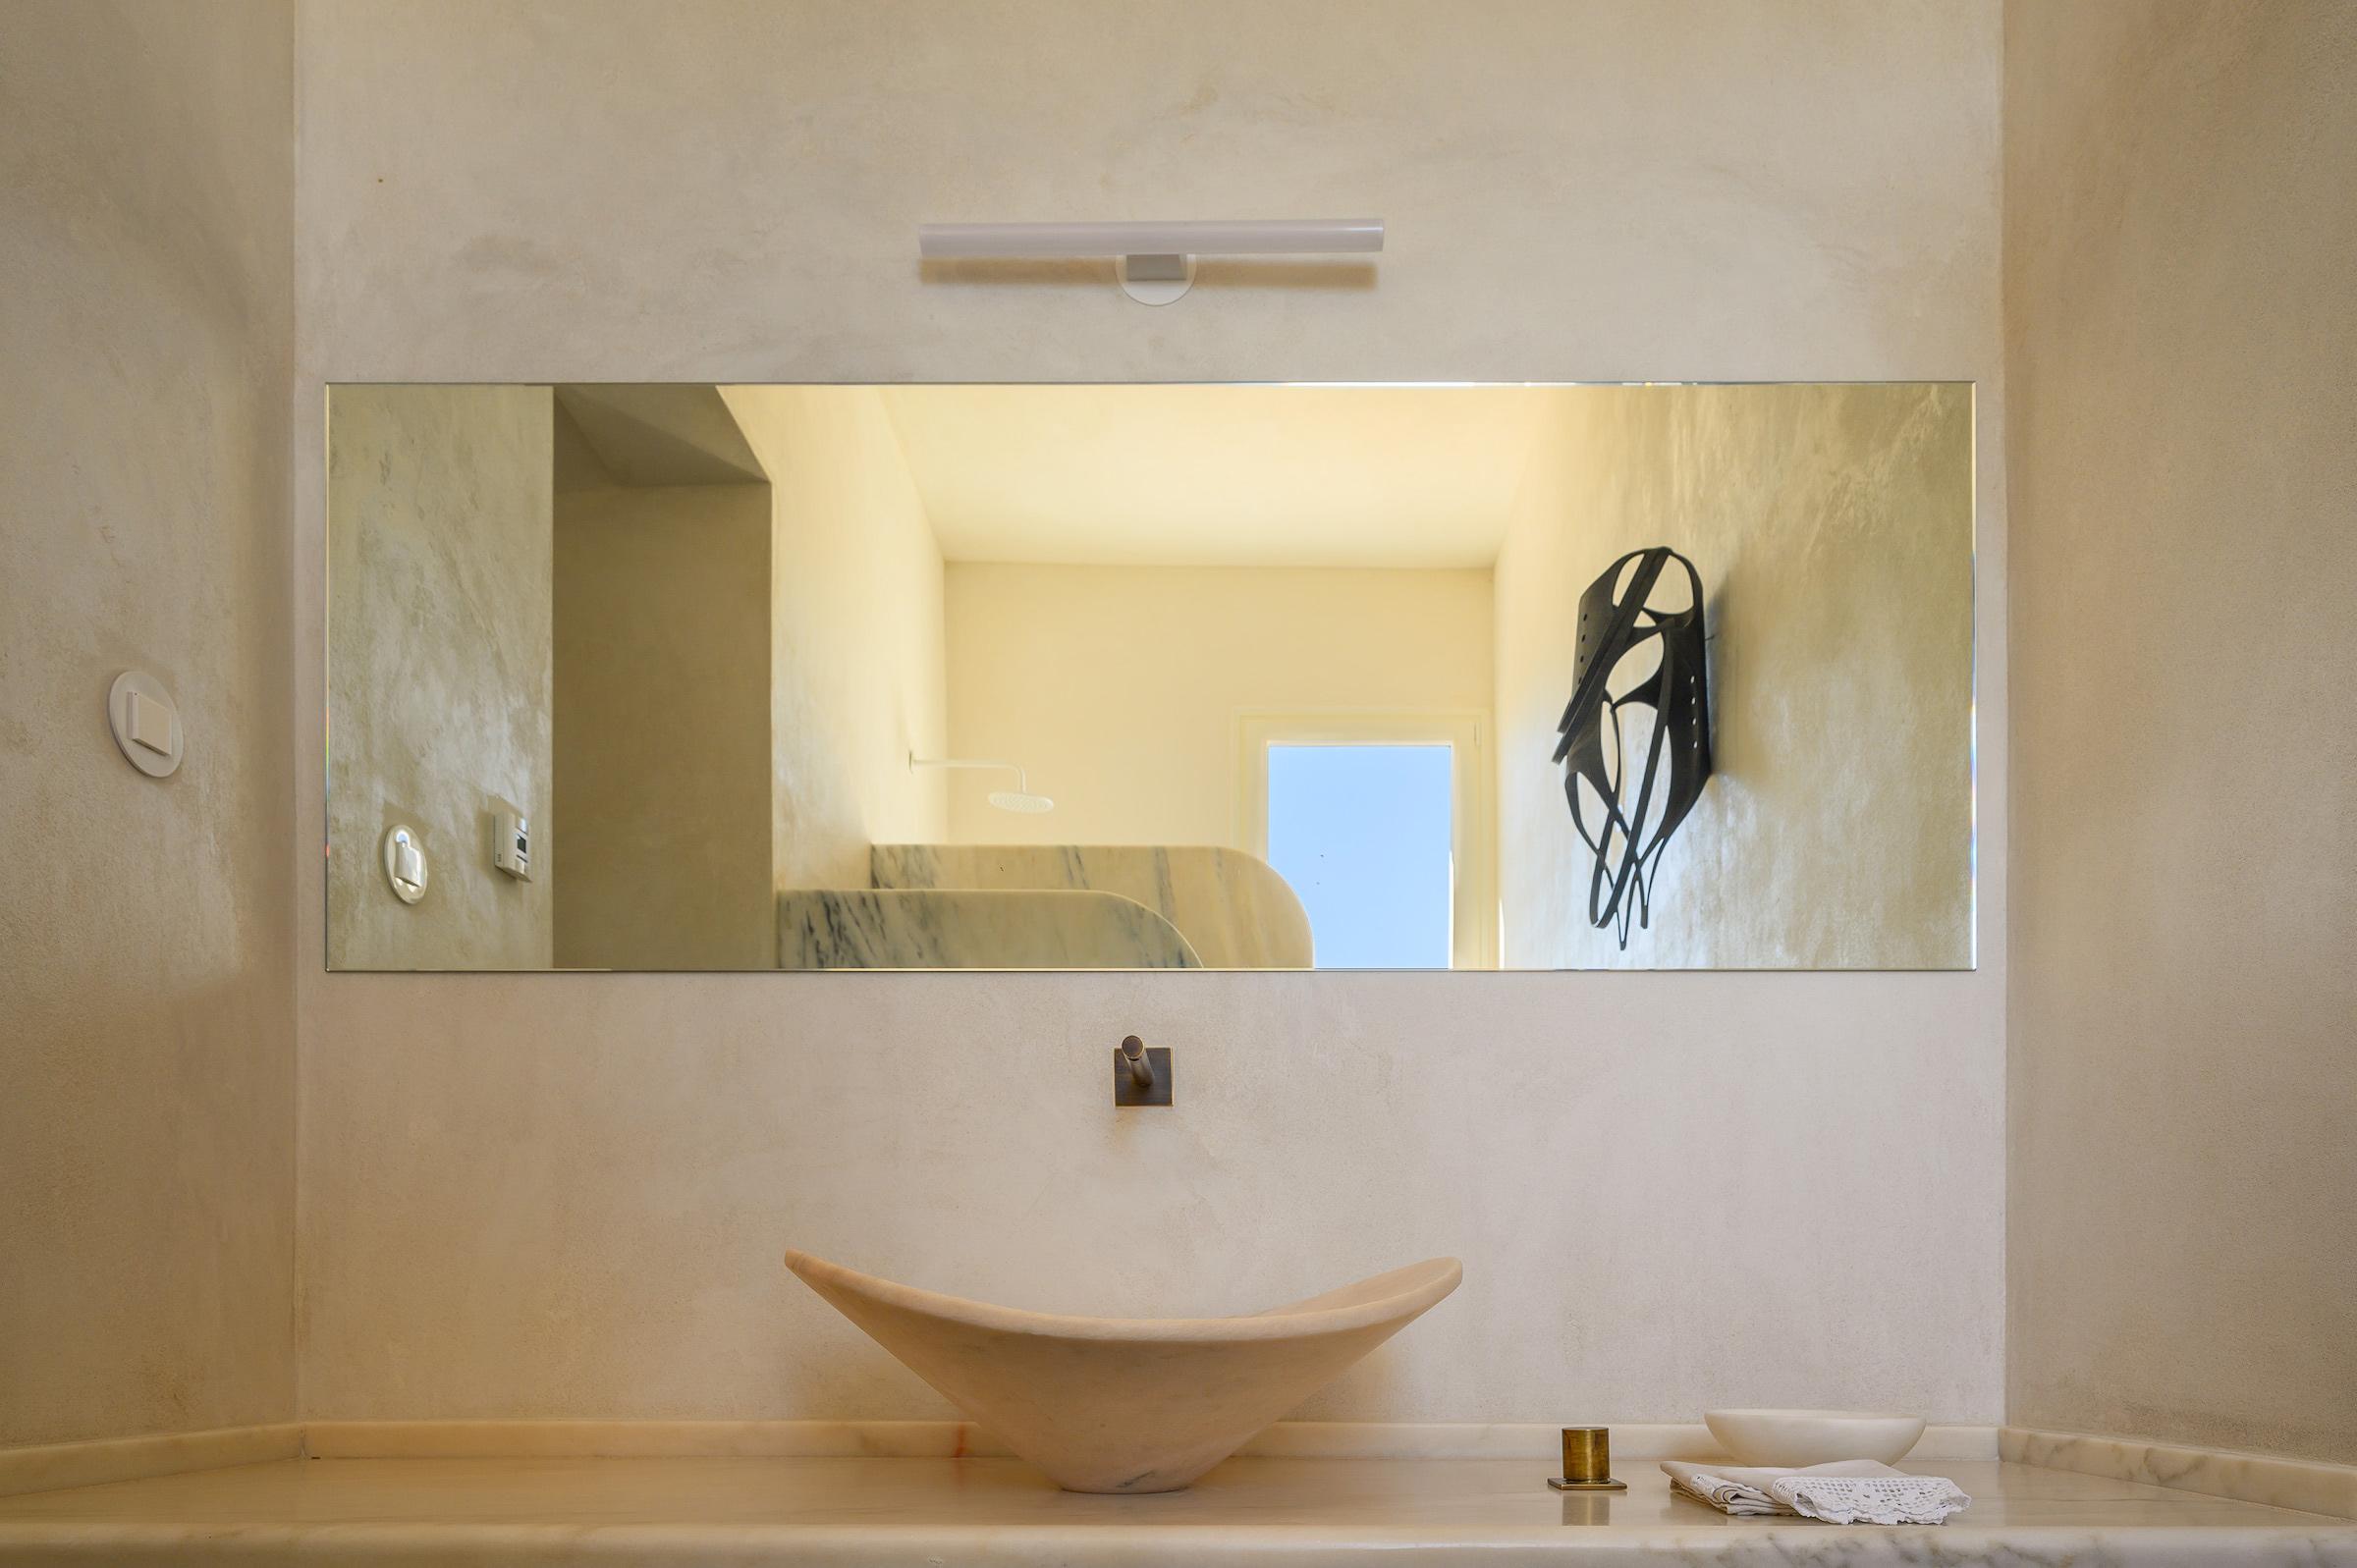 dalicenca-pt-stay-room-mybed-5